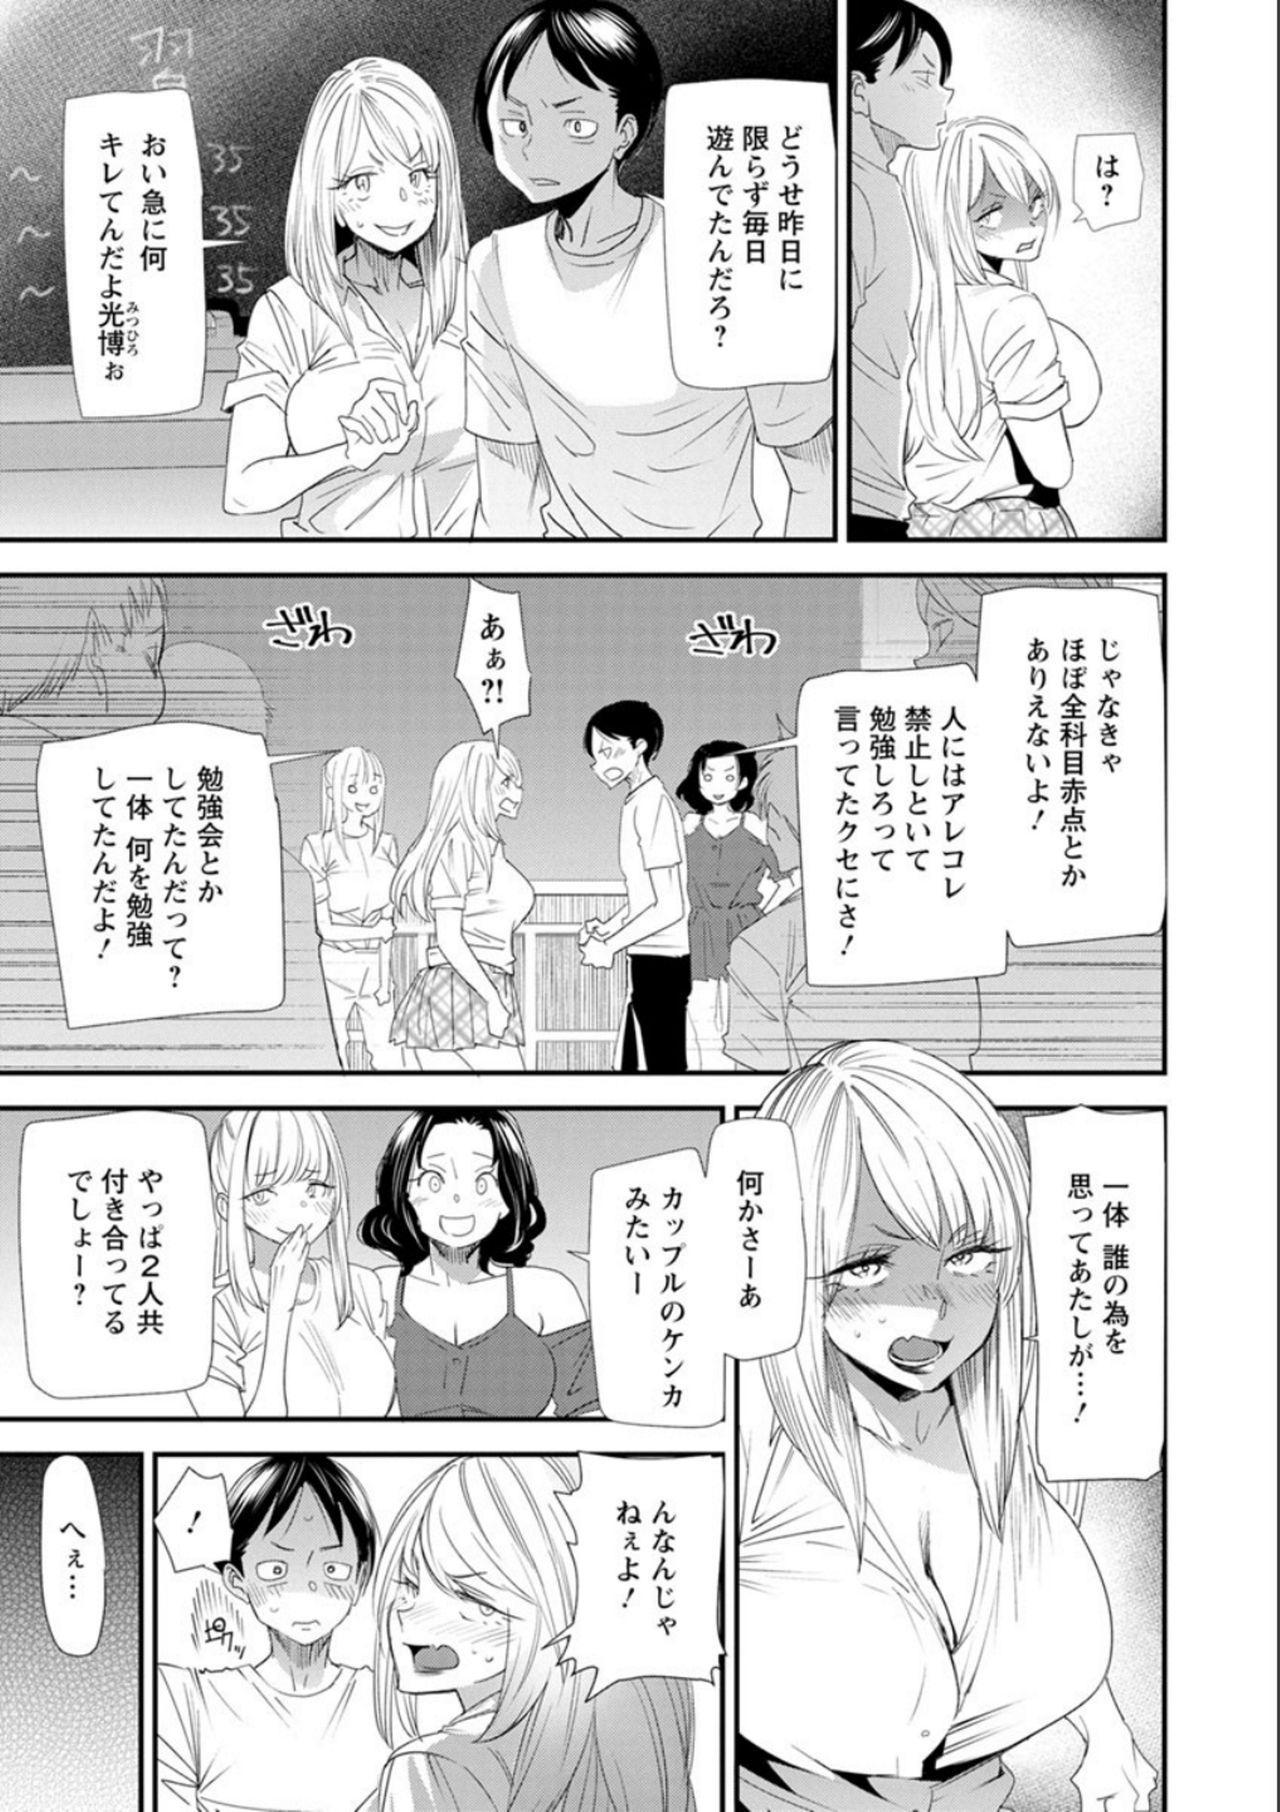 Nao's Secret 109